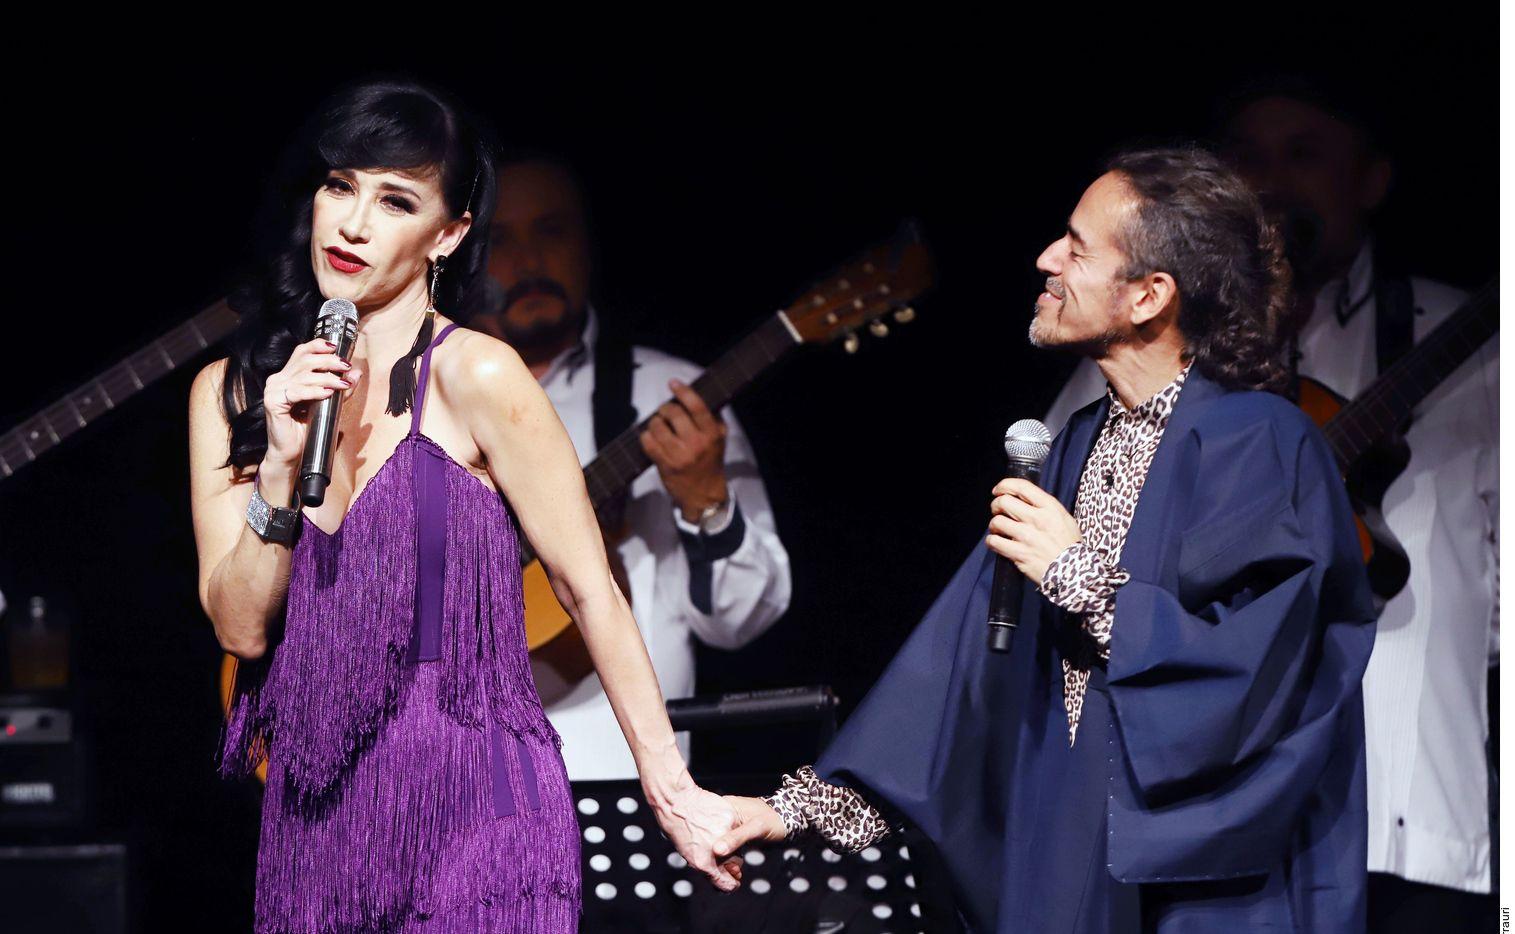 Susana Zabaleta y Rubén Albarrán compartiendo escenario.